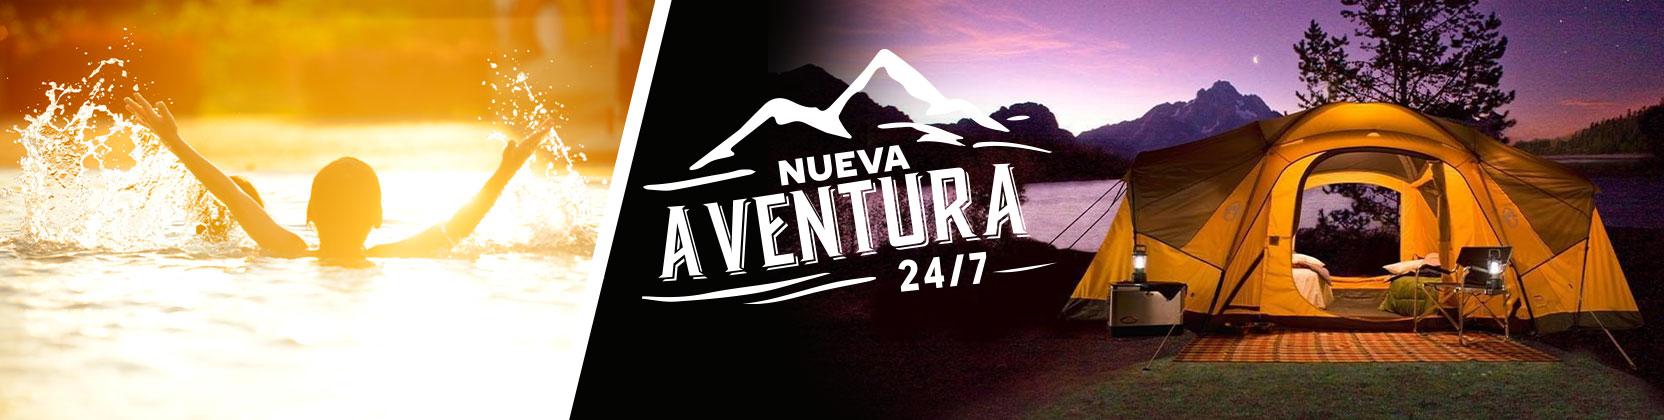 ¿Preparado para una nueva aventura?